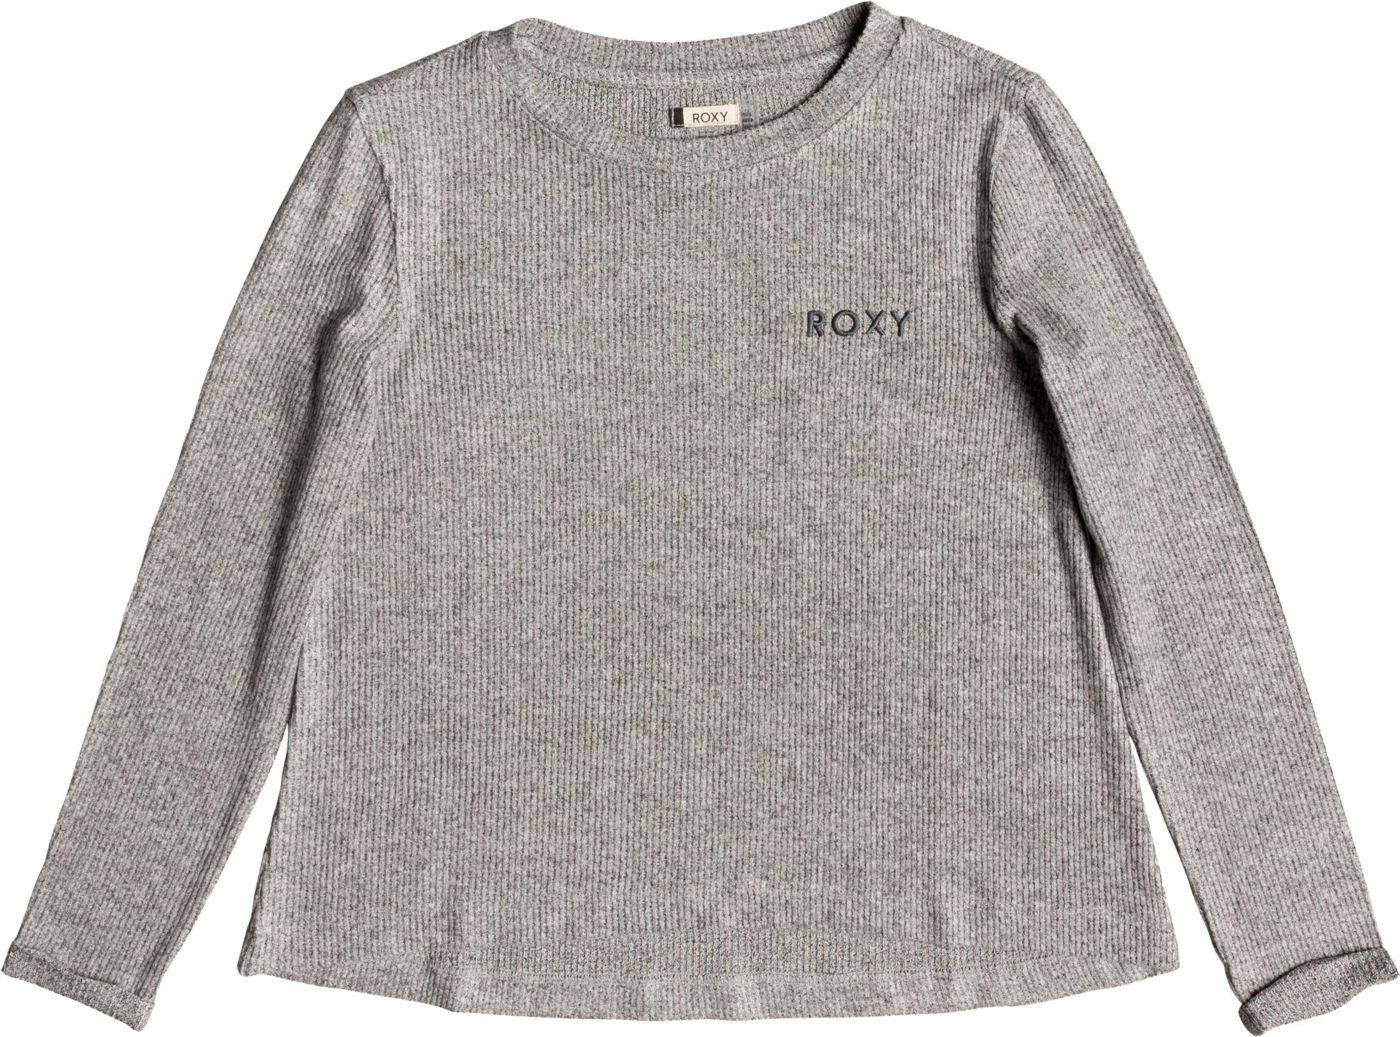 Roxy Women's Sea Skipper Long Sleeve Shirt